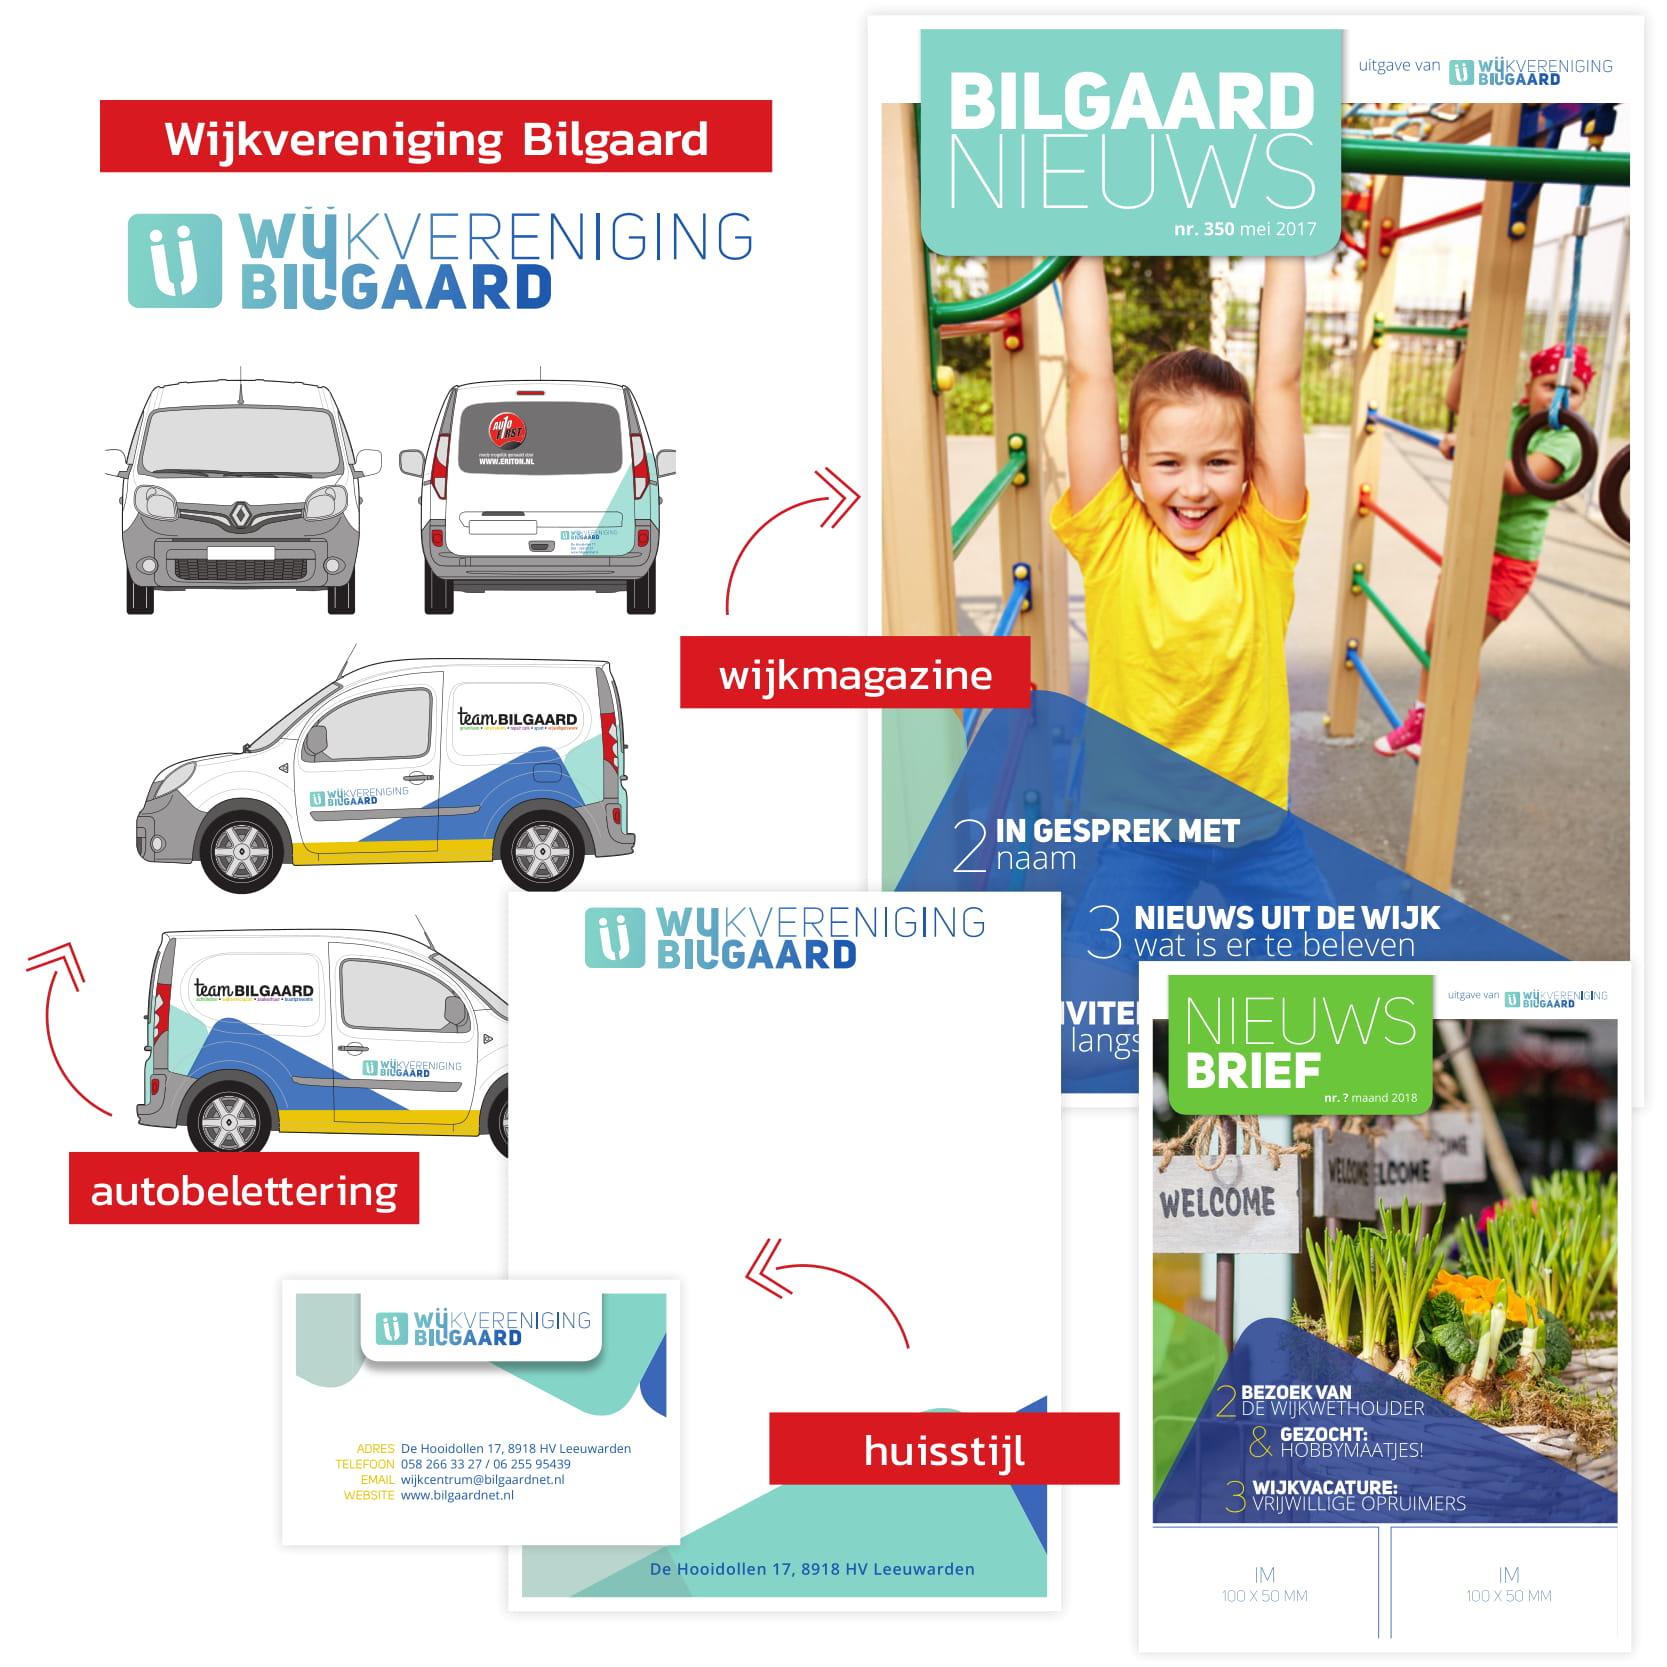 Wijkvereniging Bilgaard